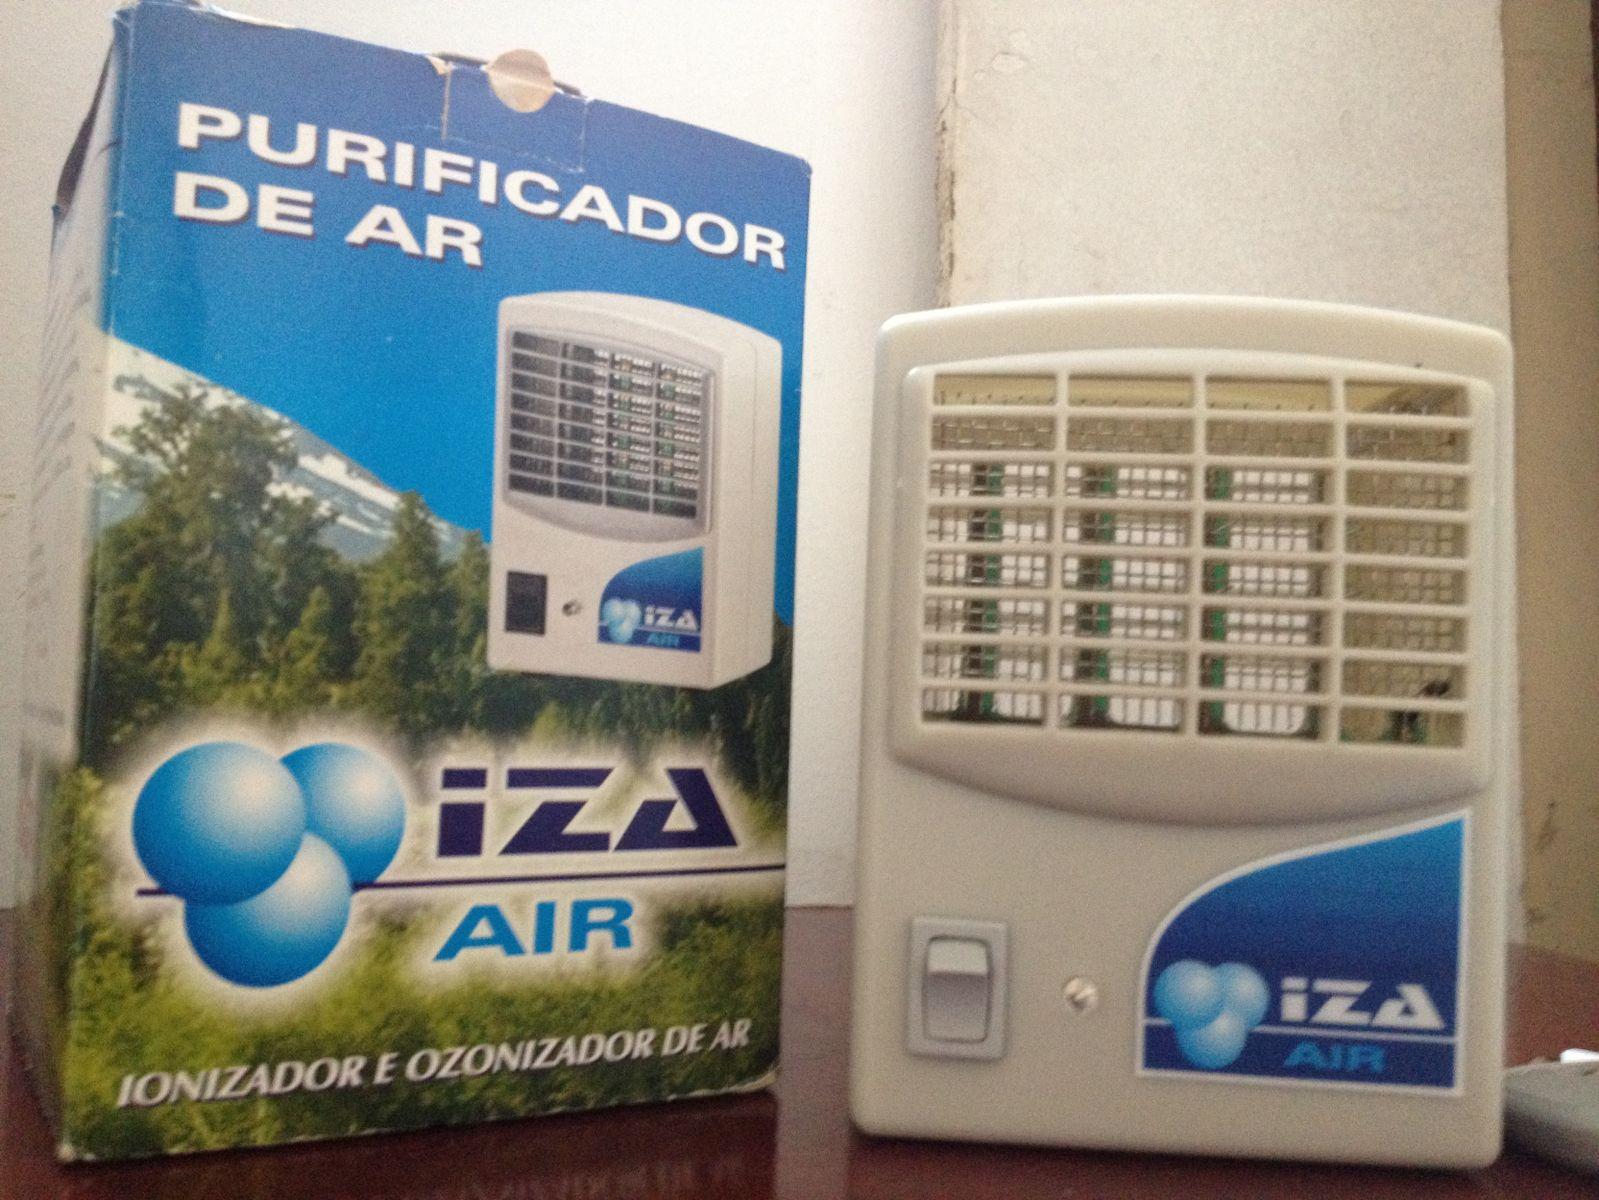 Ionizador / Ozonizador de ar